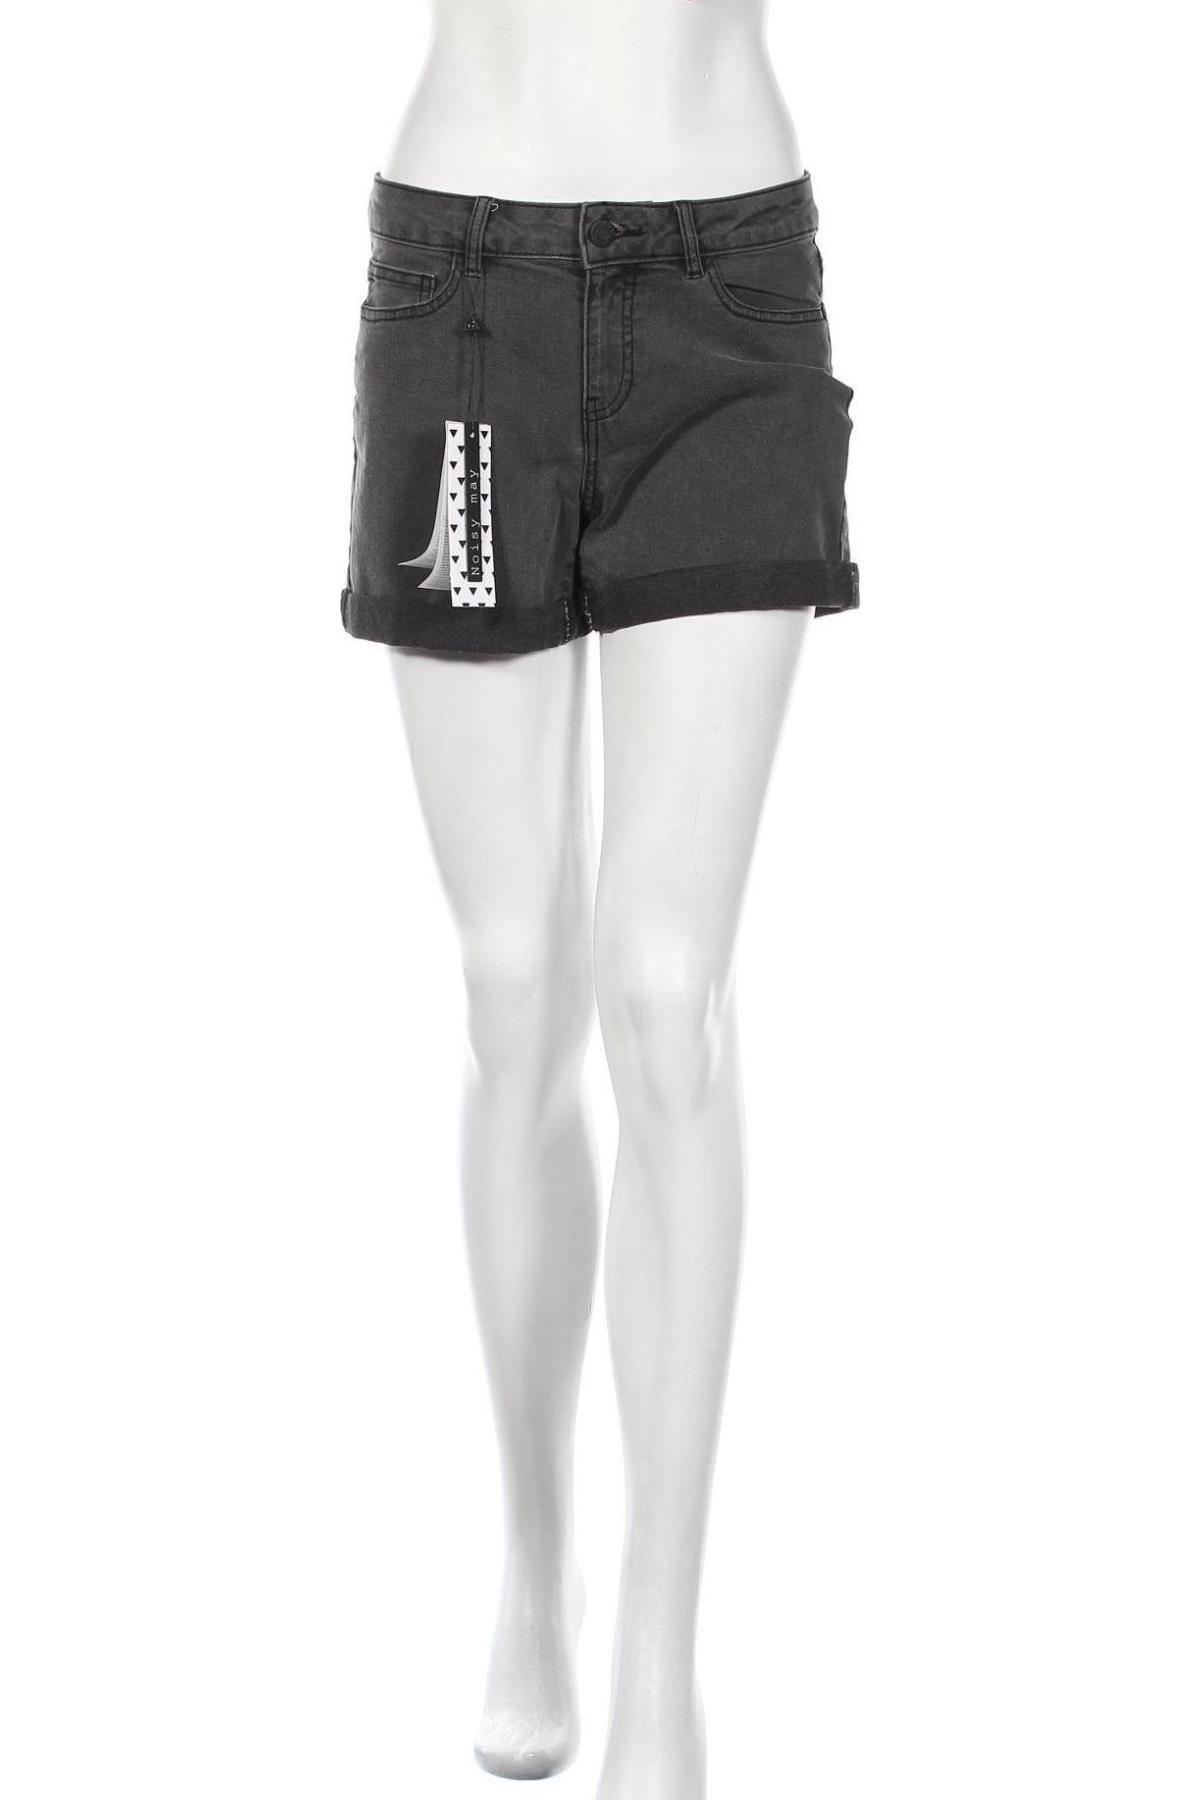 Γυναικείο κοντό παντελόνι Noisy May, Μέγεθος M, Χρώμα Γκρί, 79% βαμβάκι, 18% πολυεστέρας, 3% ελαστάνη, Τιμή 17,42€